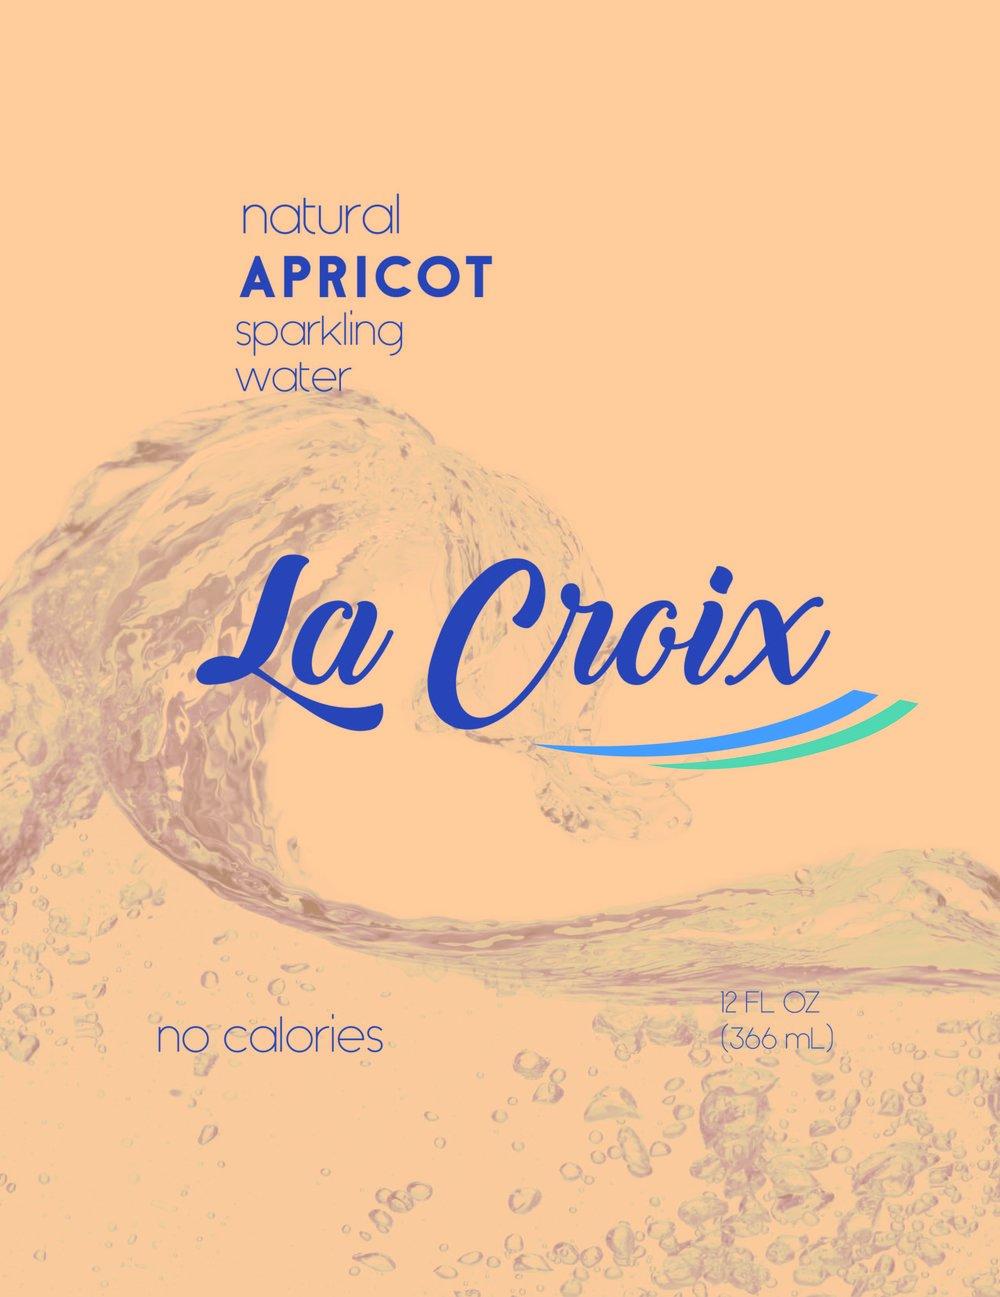 la croix apricot-01.jpg